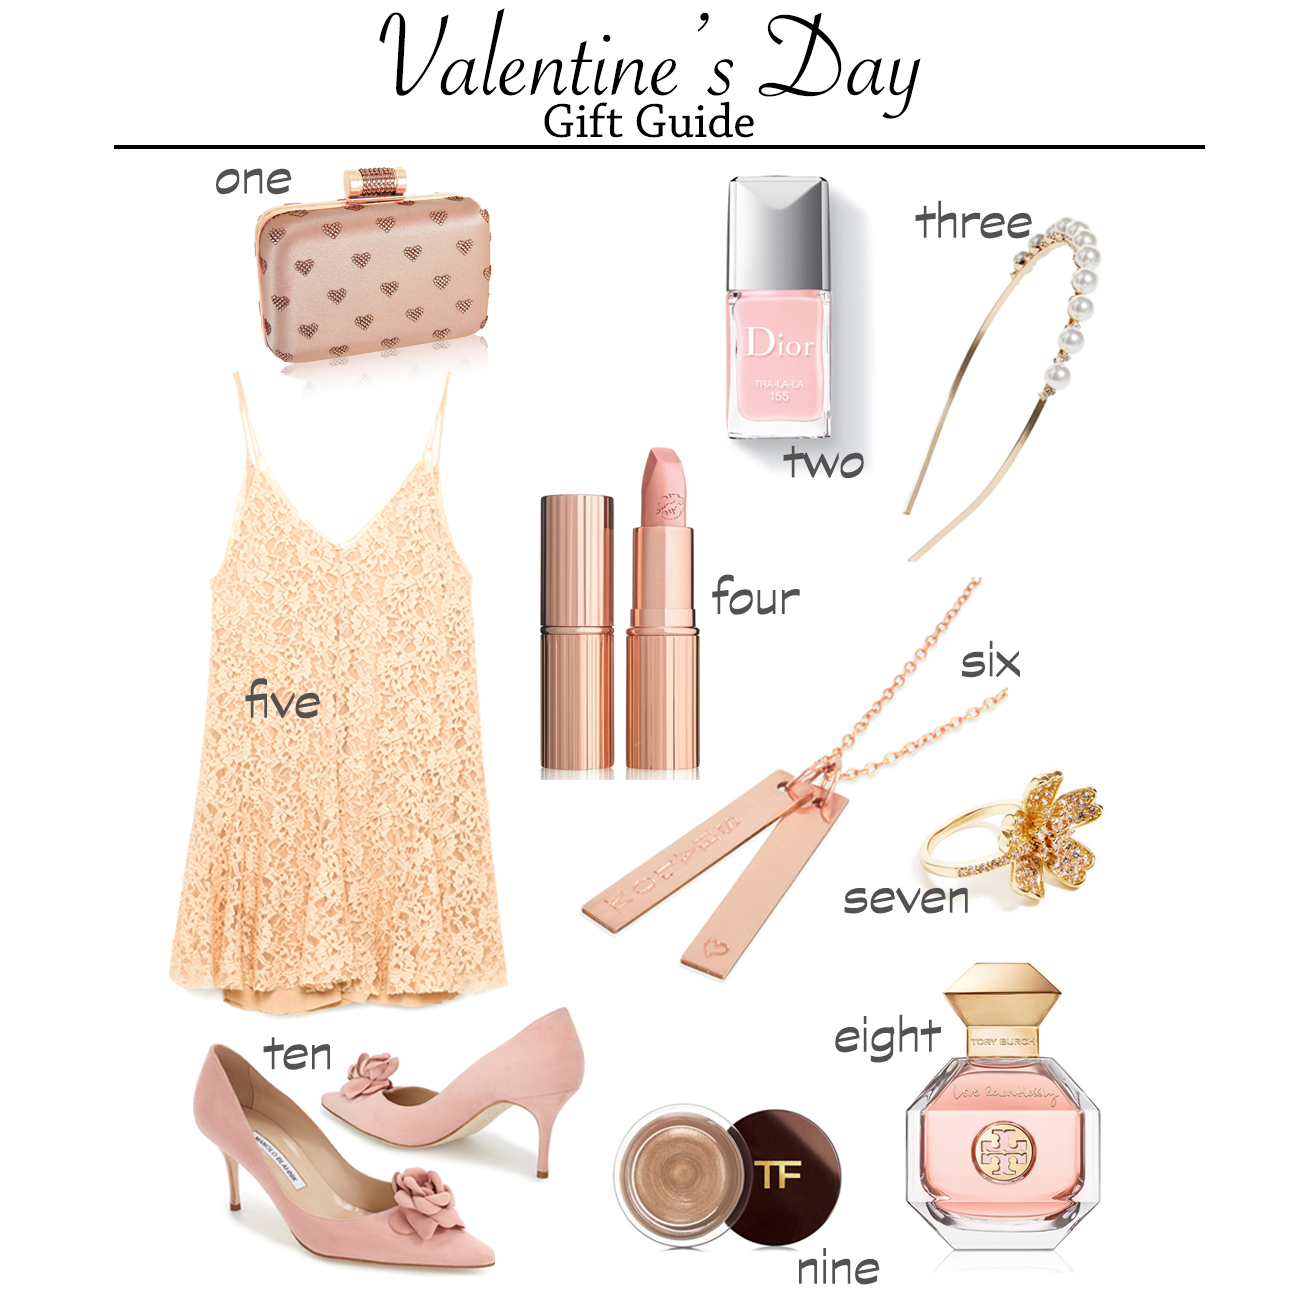 valentinesdaygiftguide2